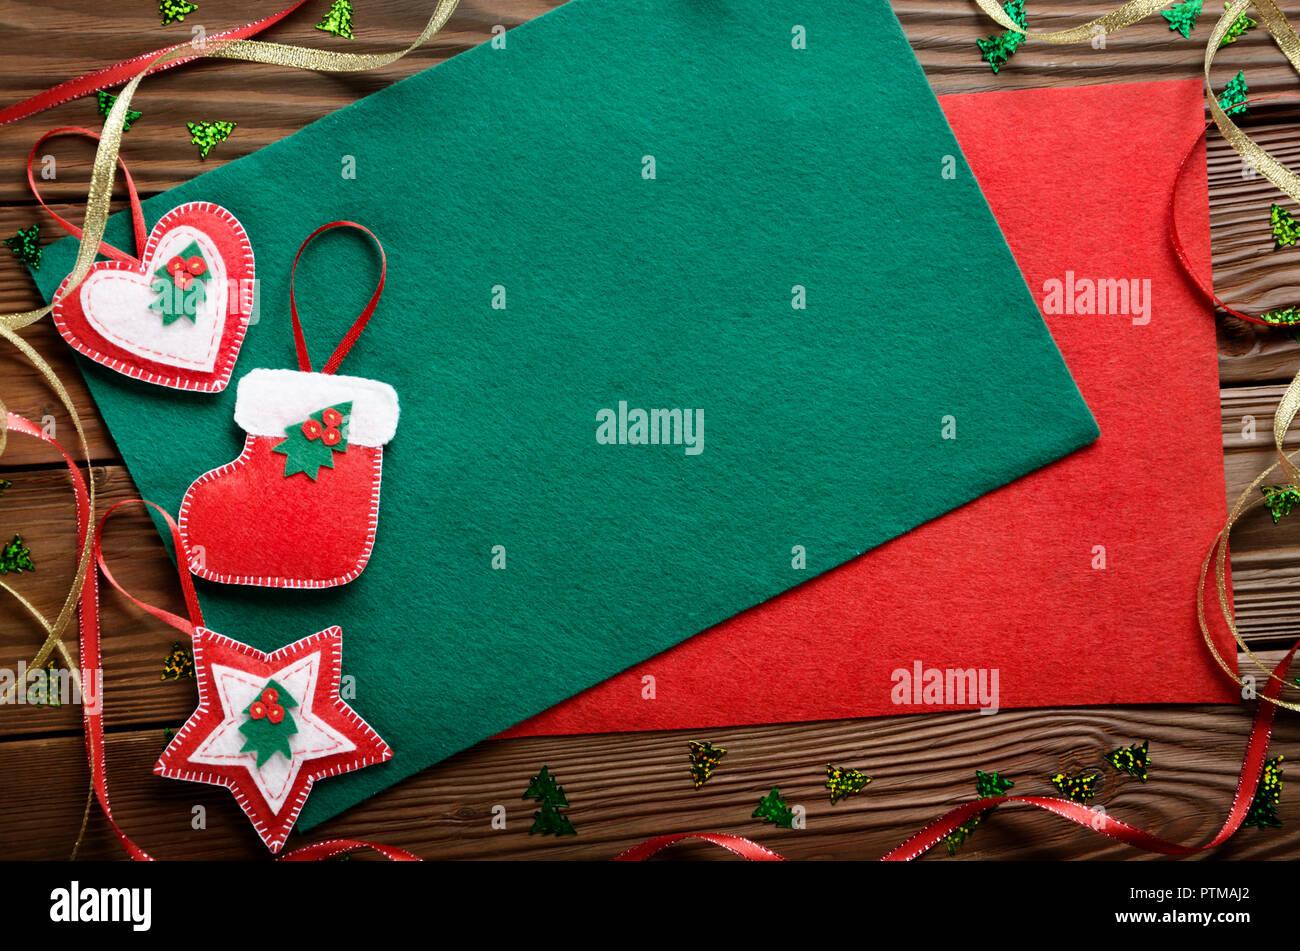 Decorazioni Artigianali Natalizie.Rustico Artigianale Decorazioni Natalizie Con Il Rosso E Il Verde